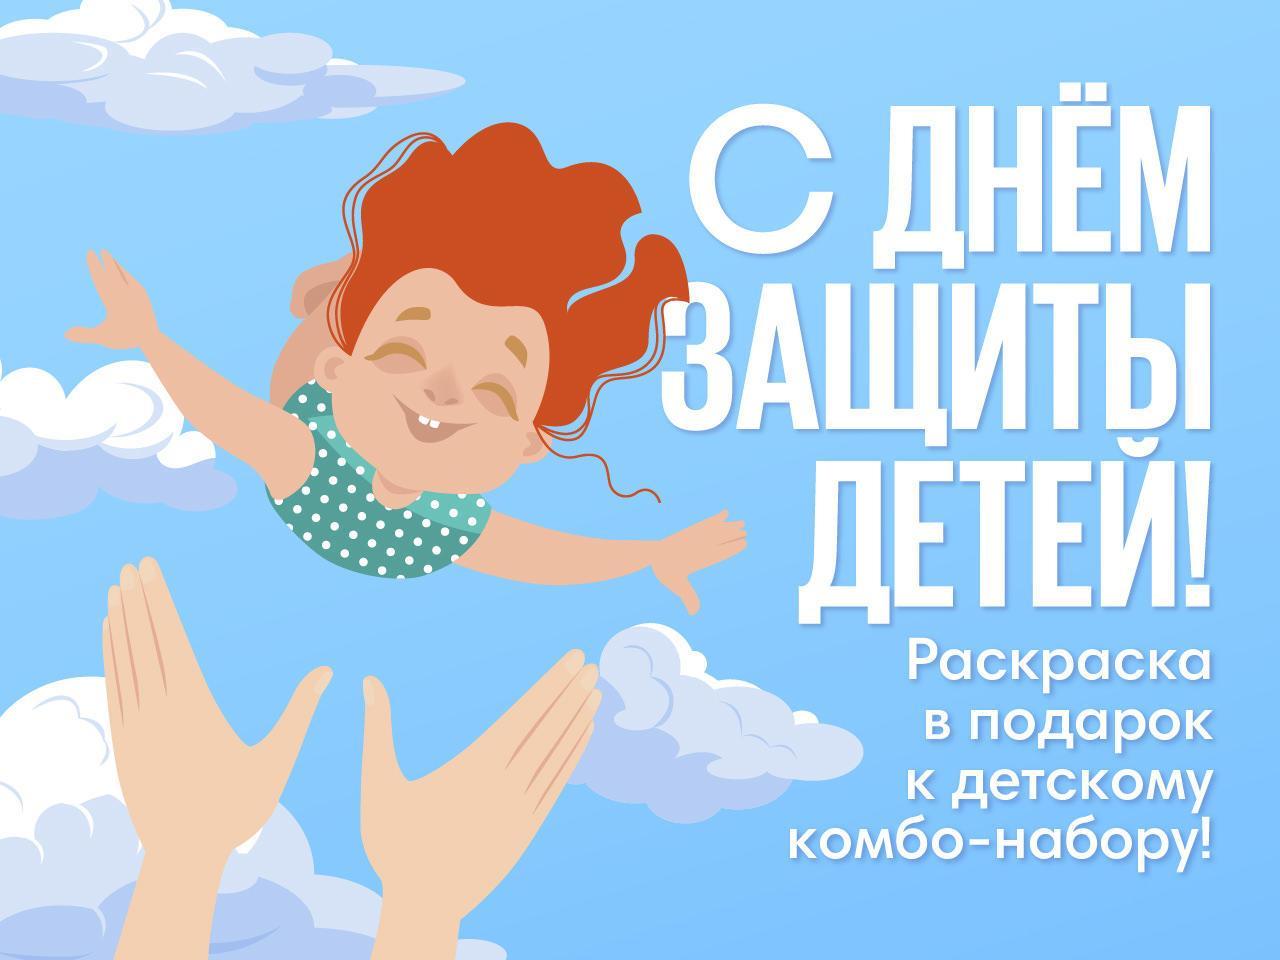 Поздравляем вас с Днём защиты детей